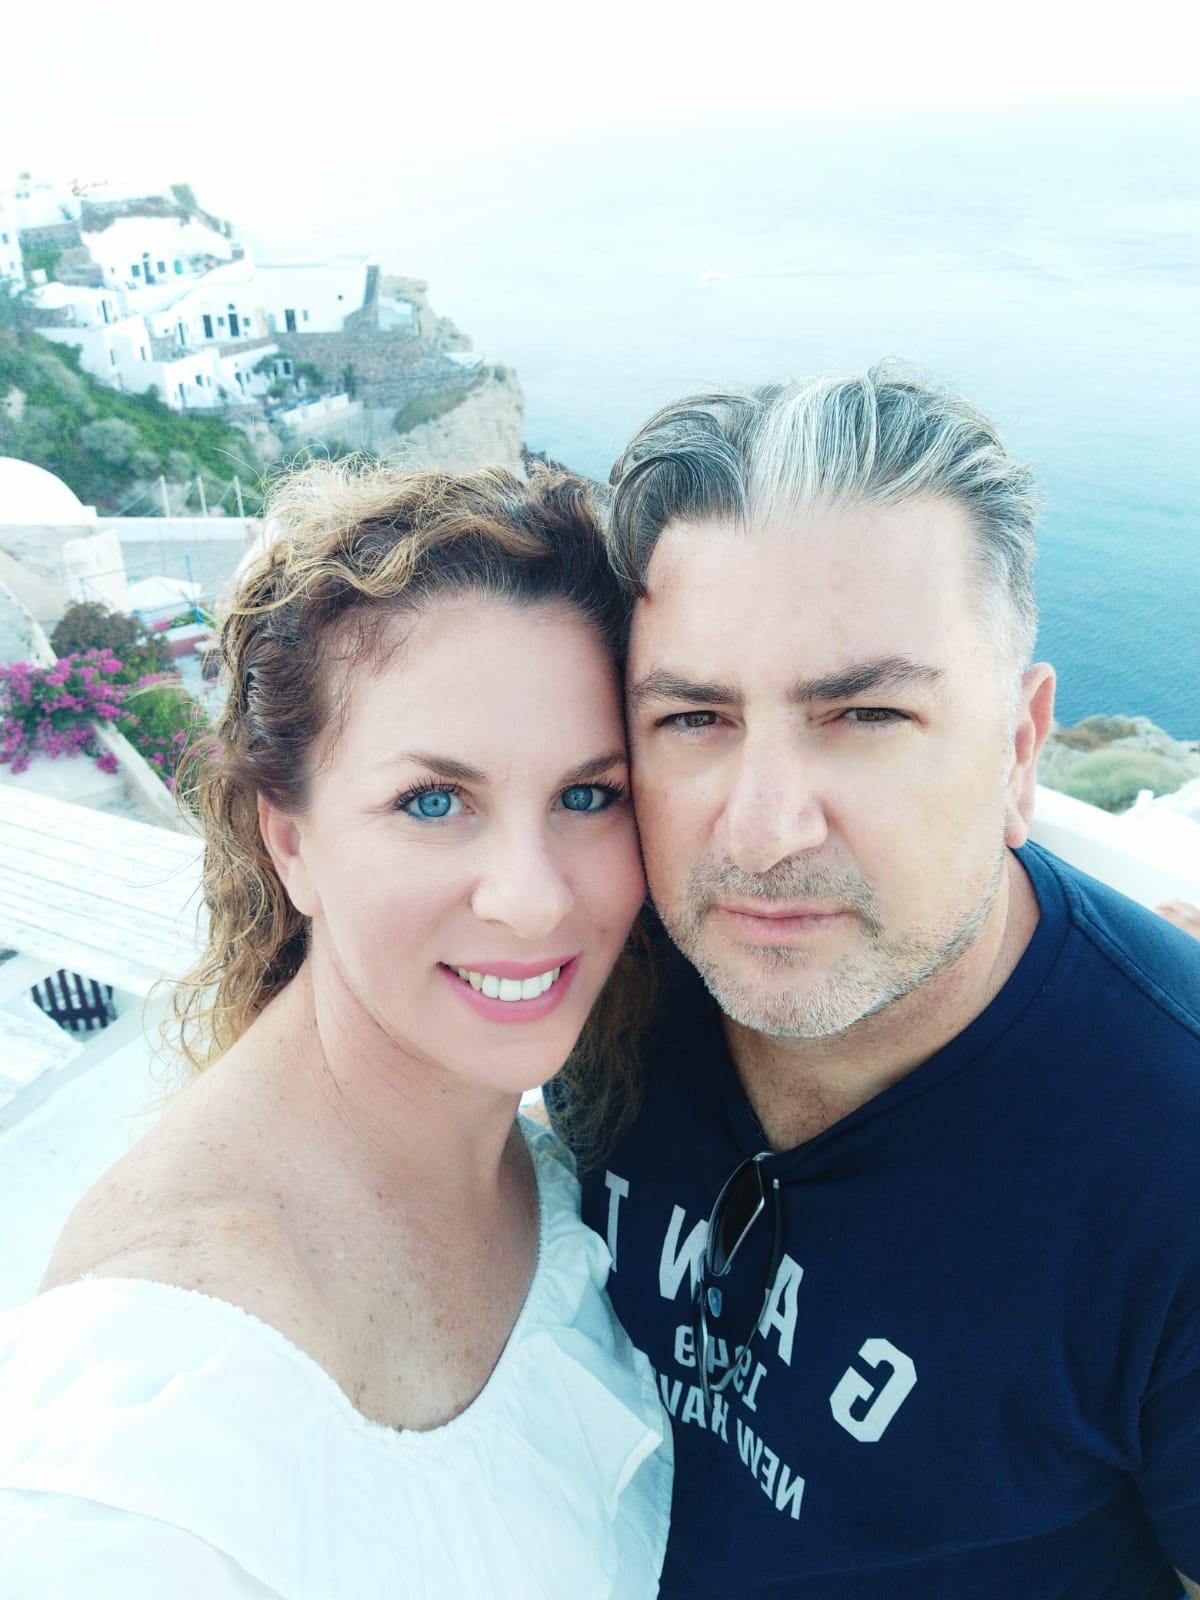 לימור פריים עם בן זוגה ישראל יעקב, הצעת נישואין בסנטוריני יולי 2019